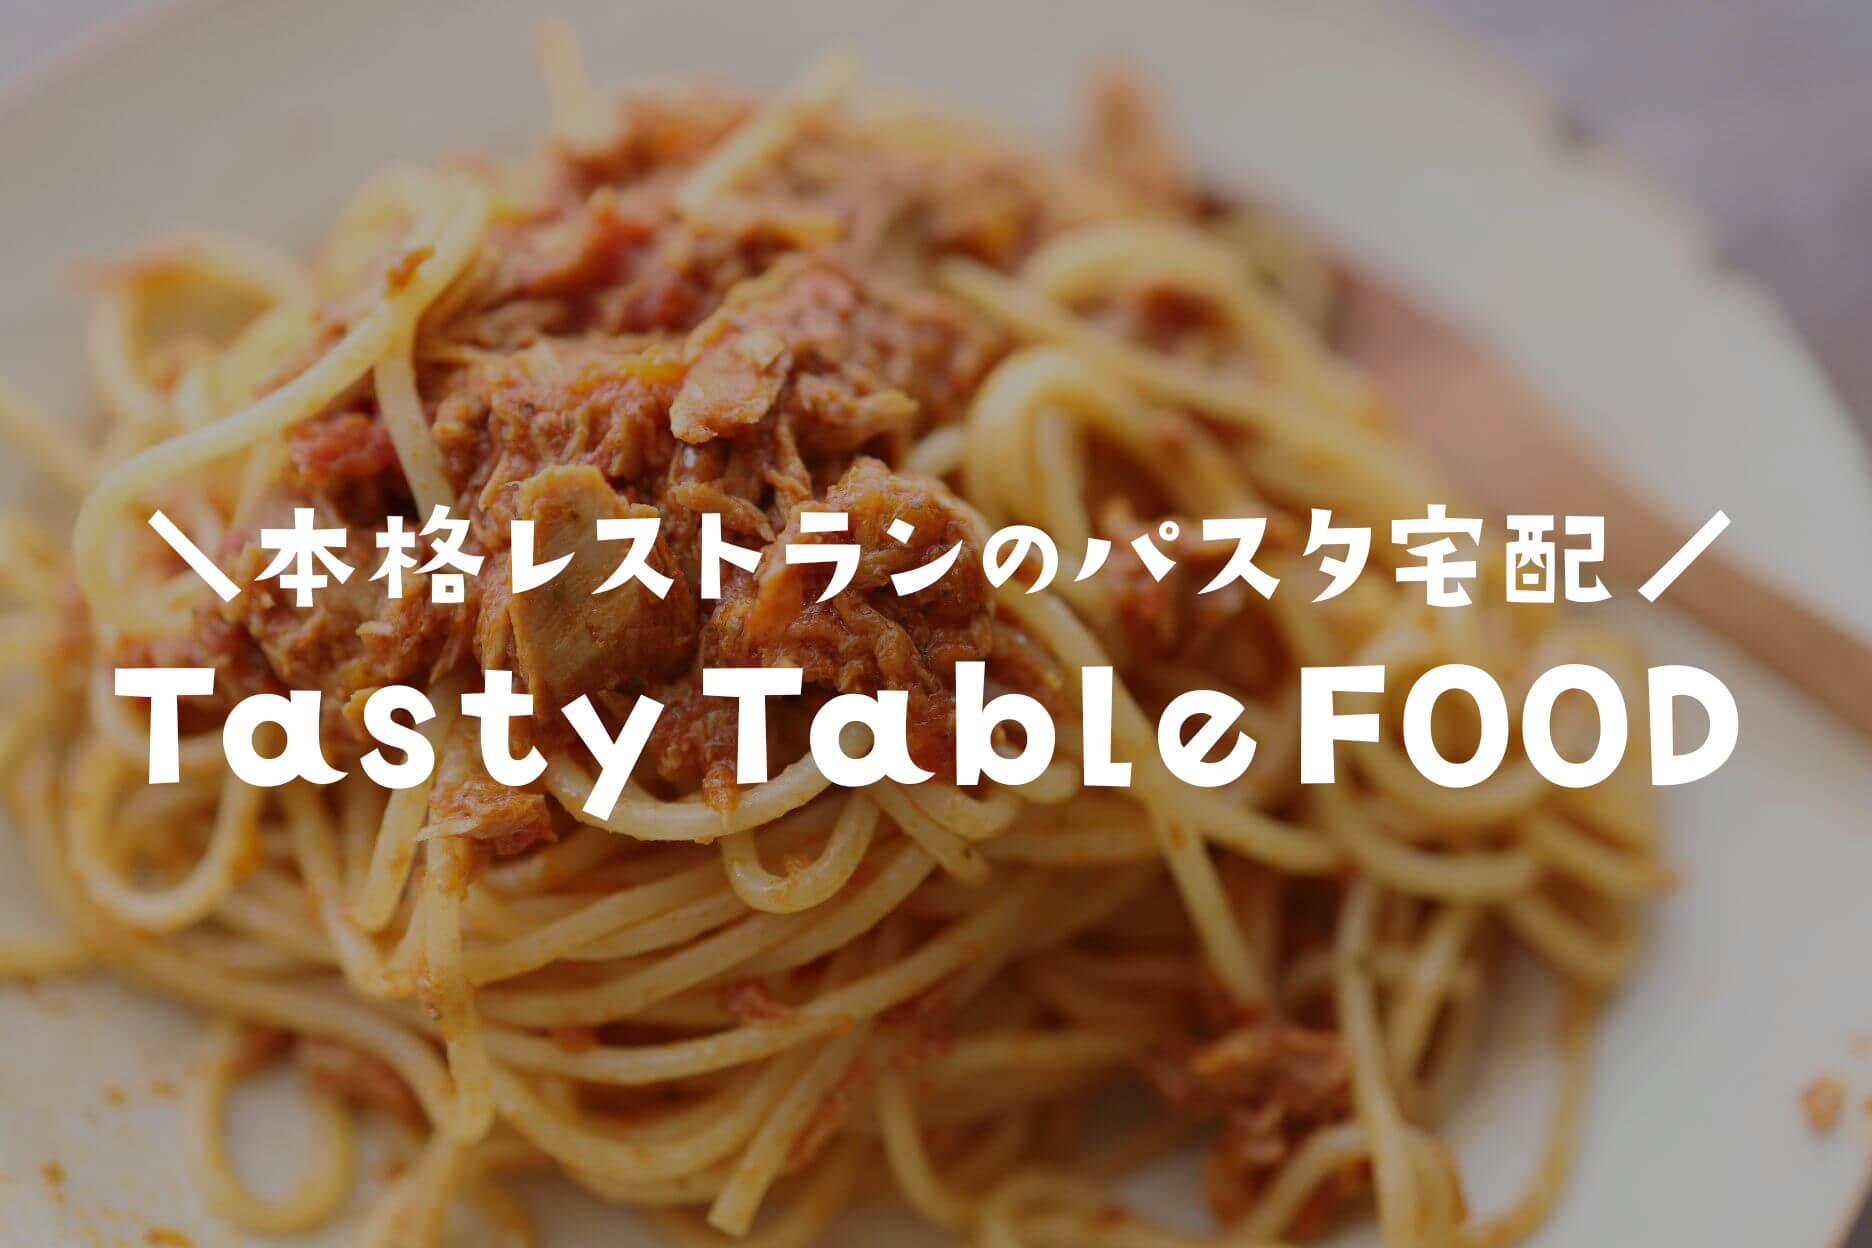 TastyTableFOODのパスタの評判!実際に作って食べてみた口コミ